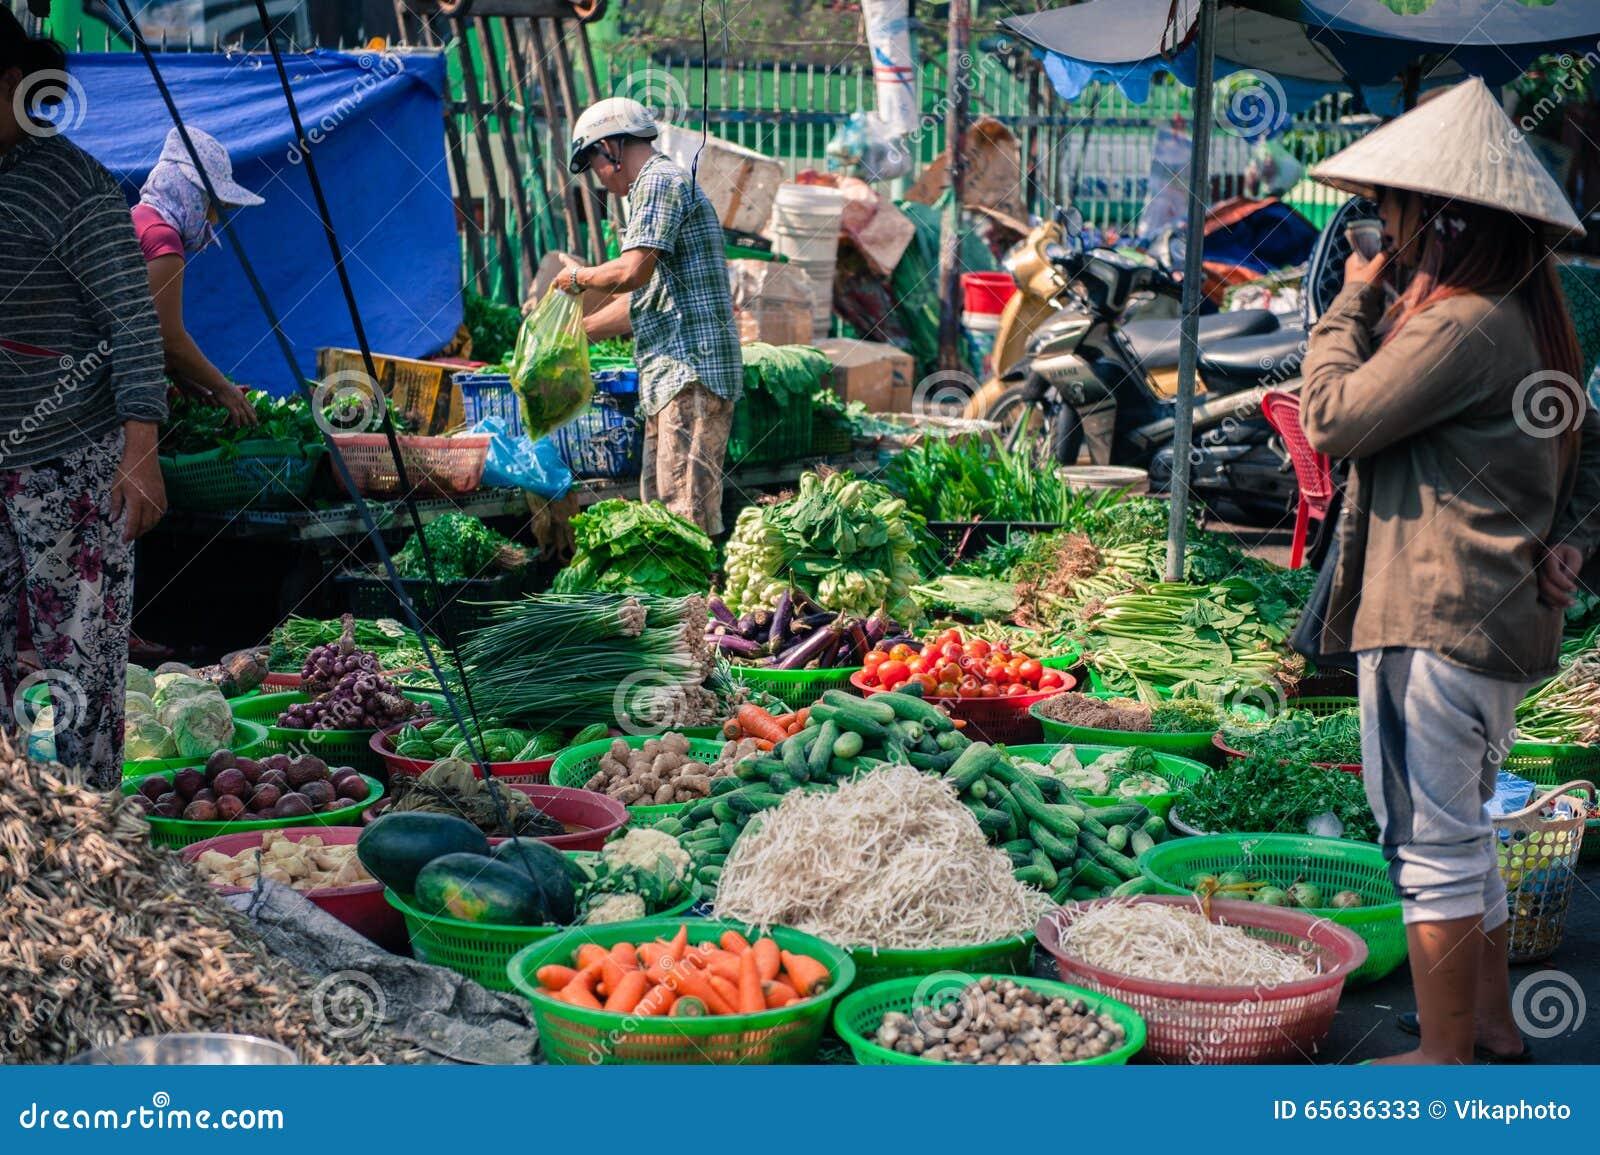 Marché en plein air au Vietnam avec des légumes